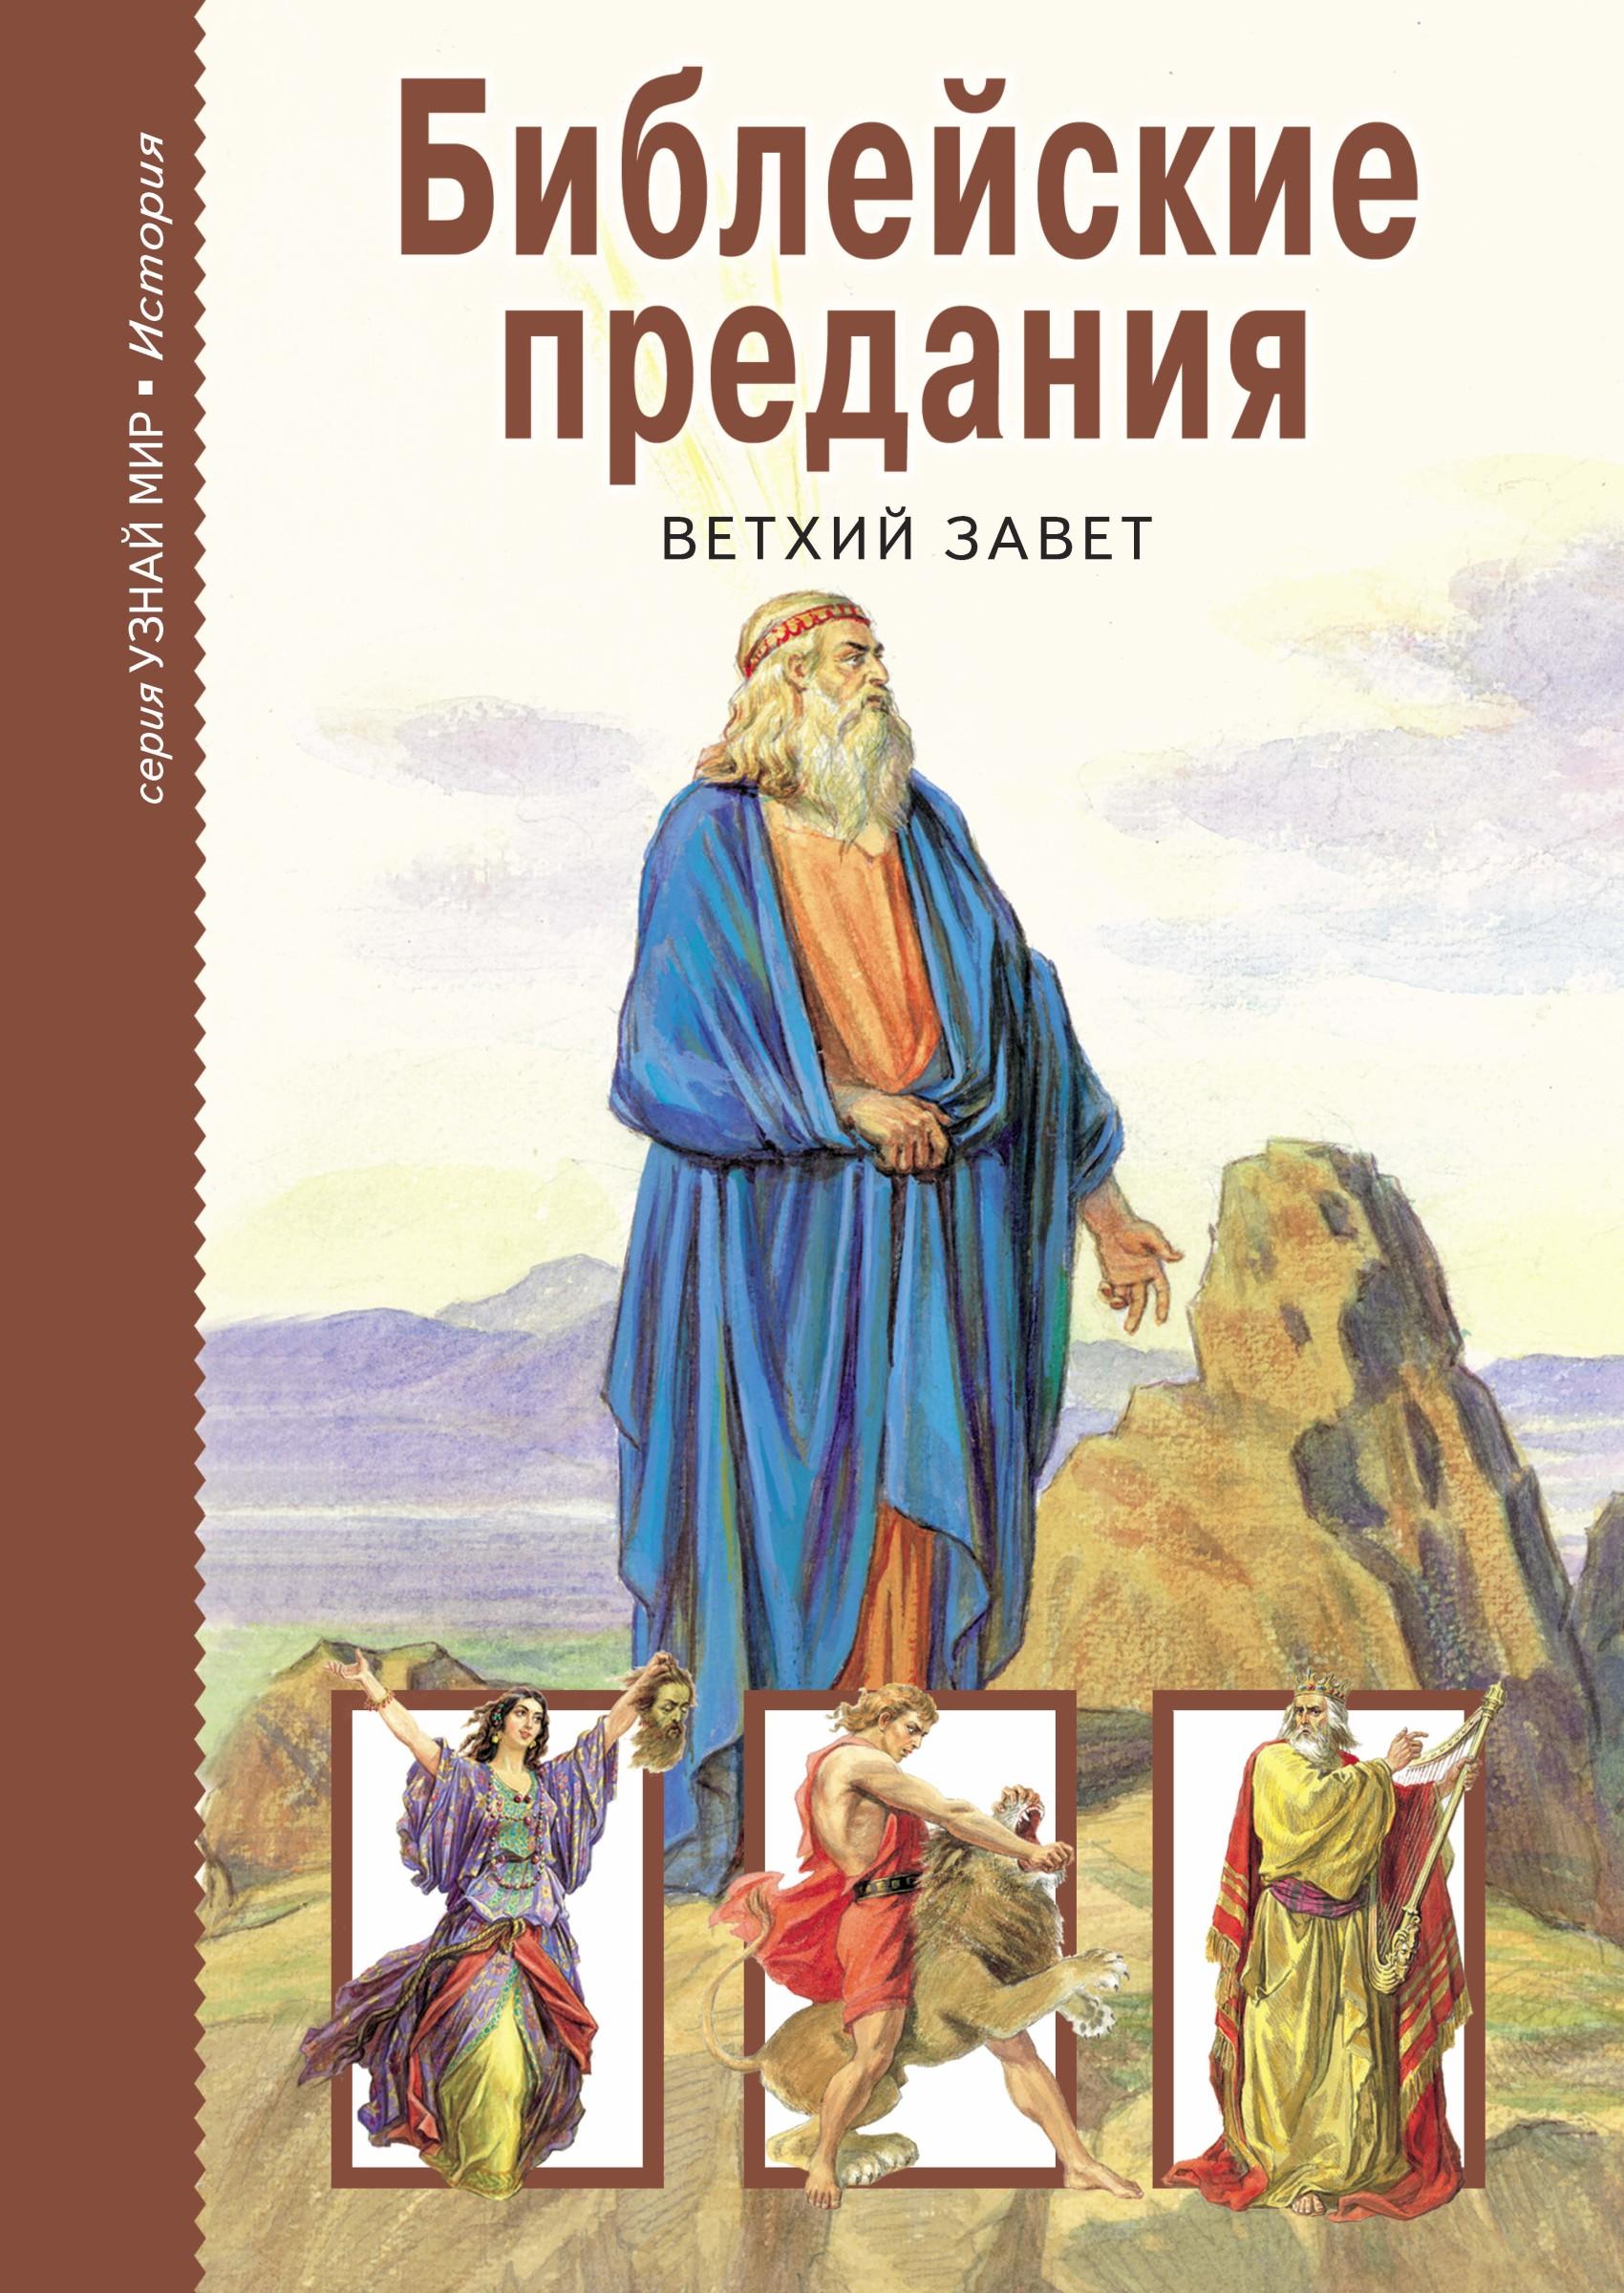 Отсутствует Библейские предания. Ветхий завет коллектив авторов библейские предания от давида и соломона до вавилонского плена